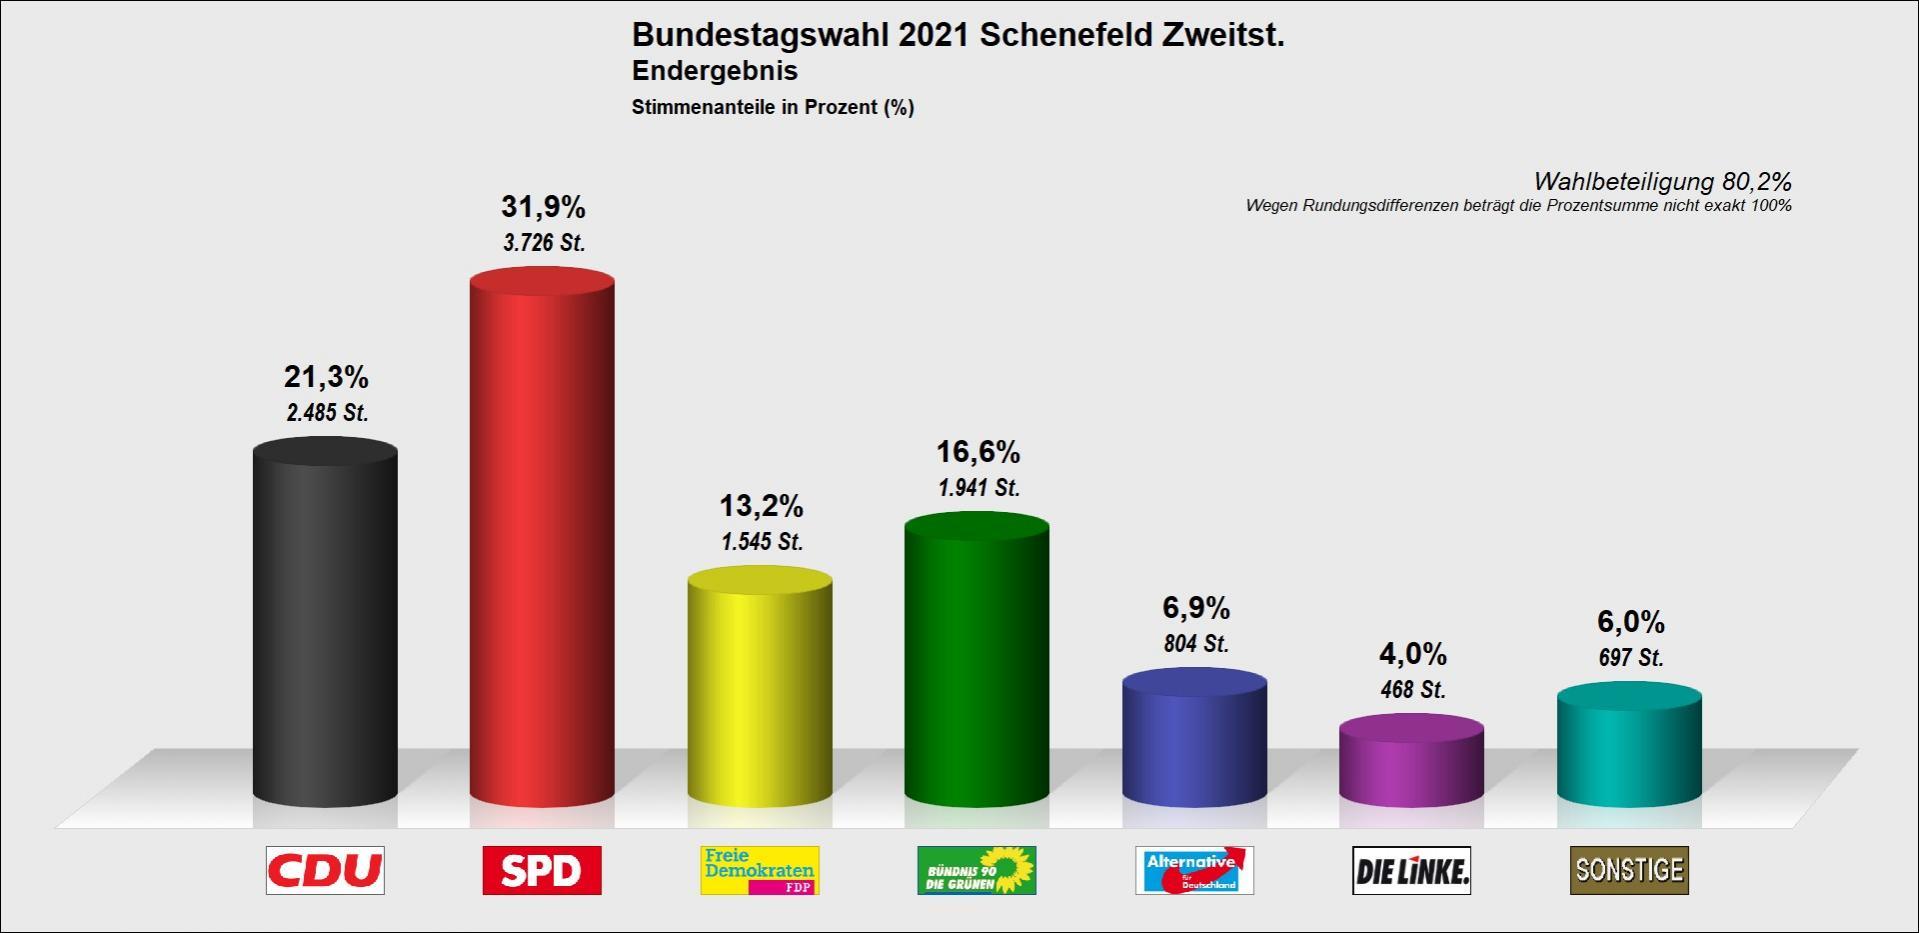 Endergebnis für Schenefeld - Zweitstimme